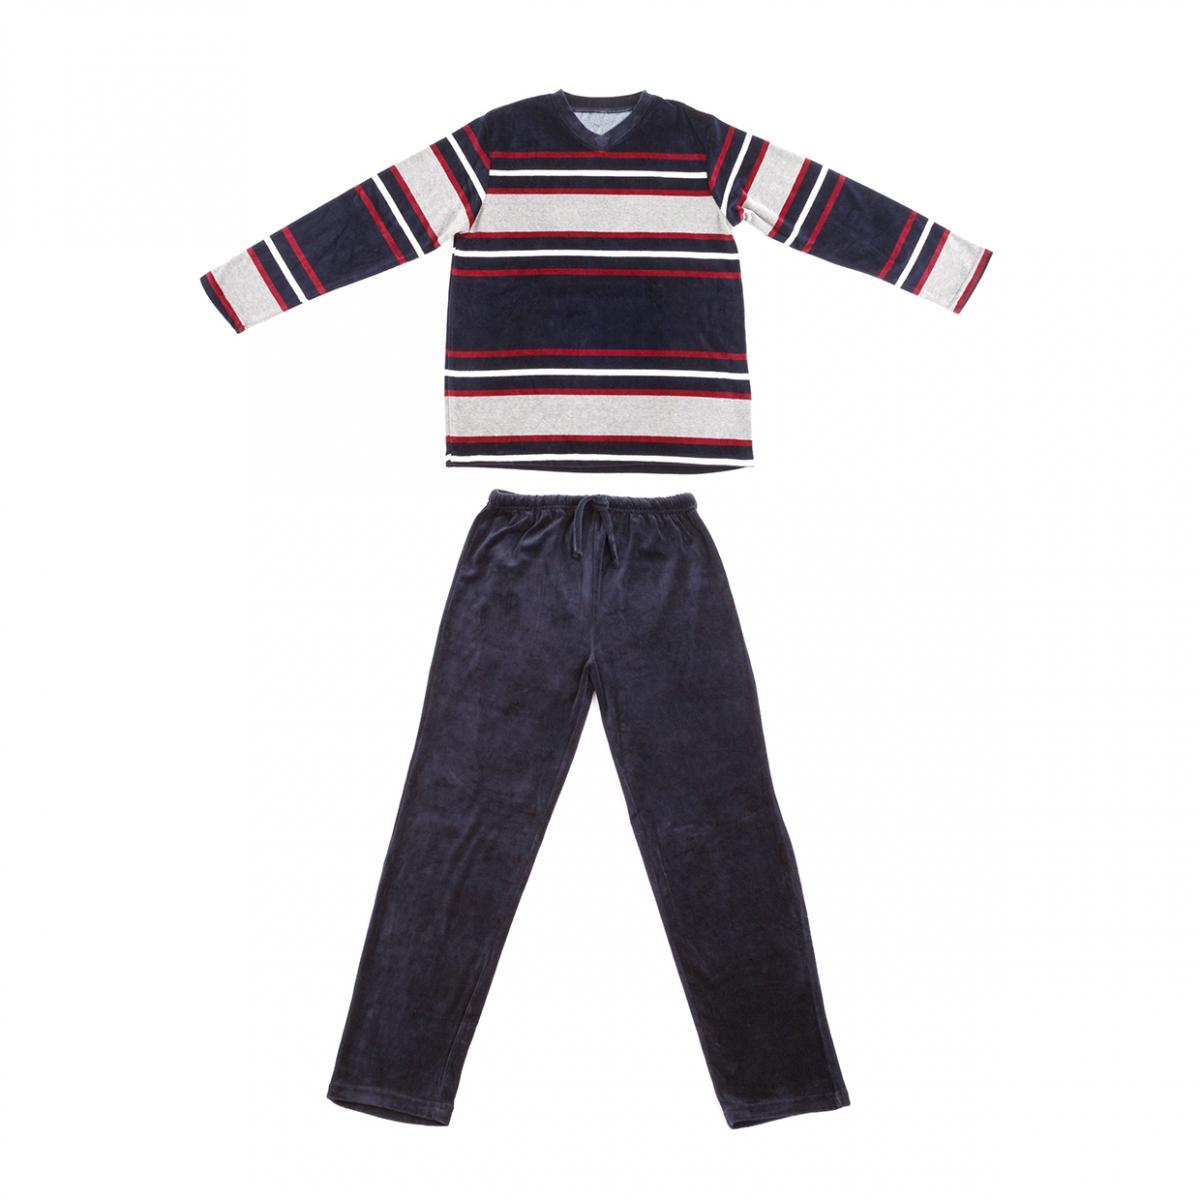 Imagen en la que se ve un pijama formado por parte superior y pantalón